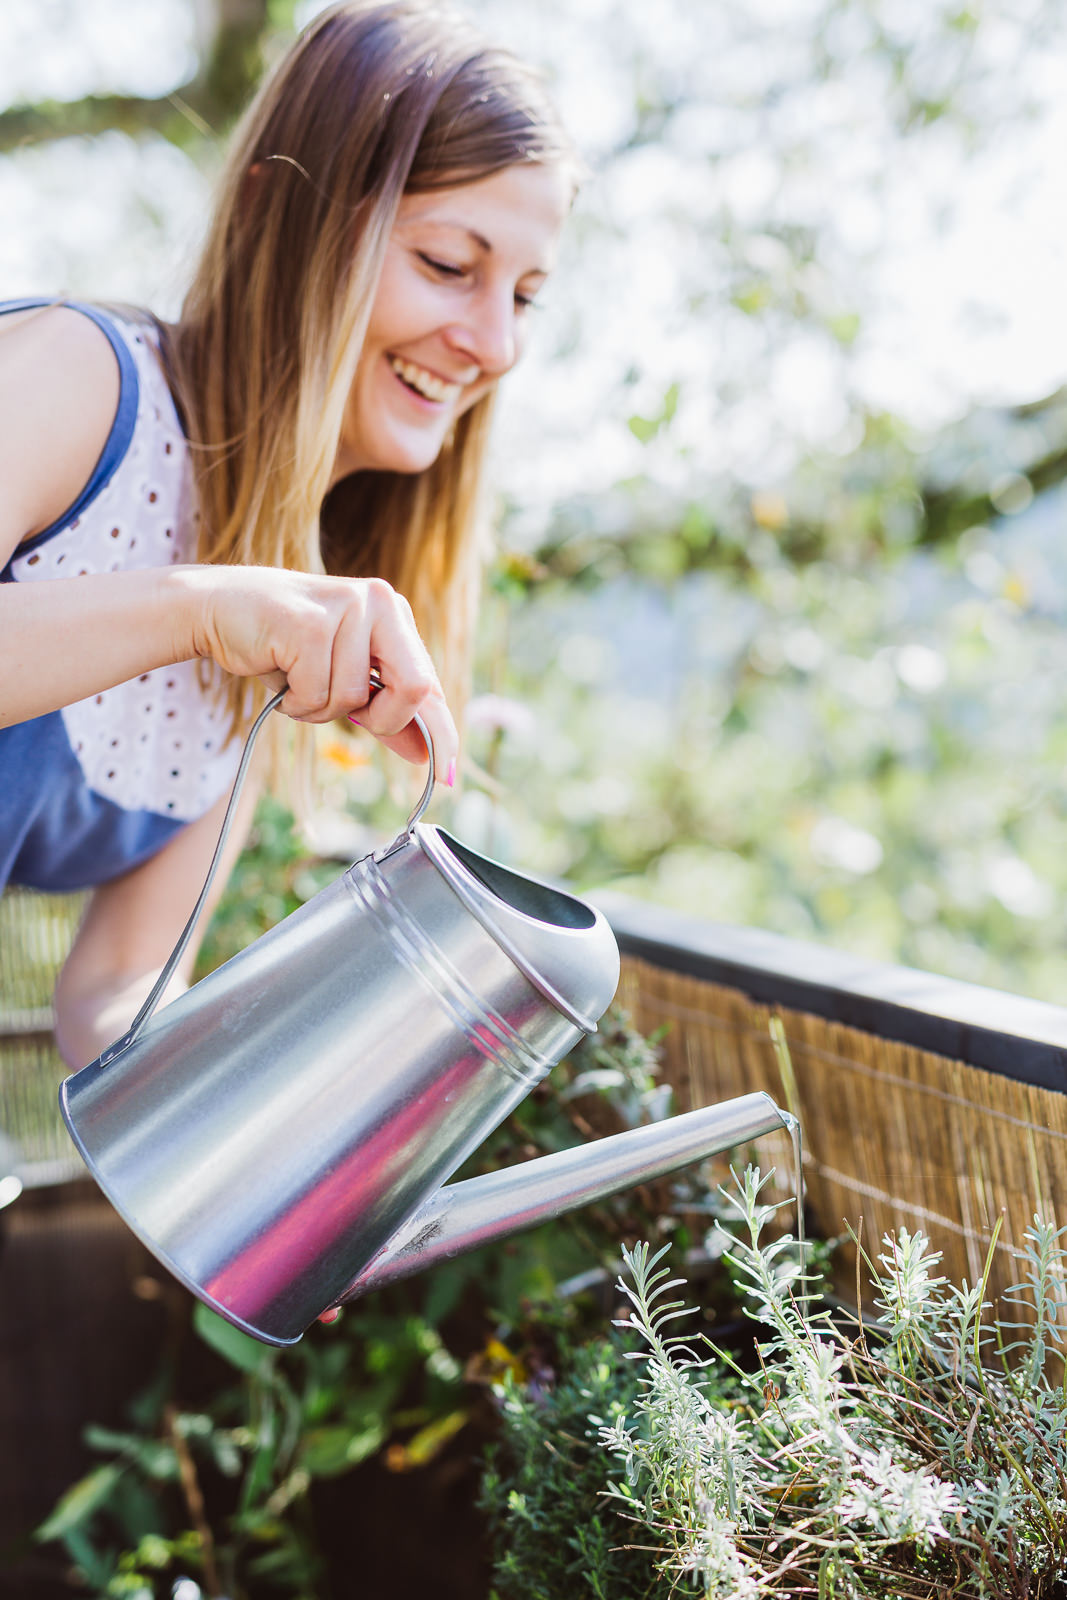 nives-kocht-einfach-echtes-essen-foodblog-christiane-eckl-bloggerin